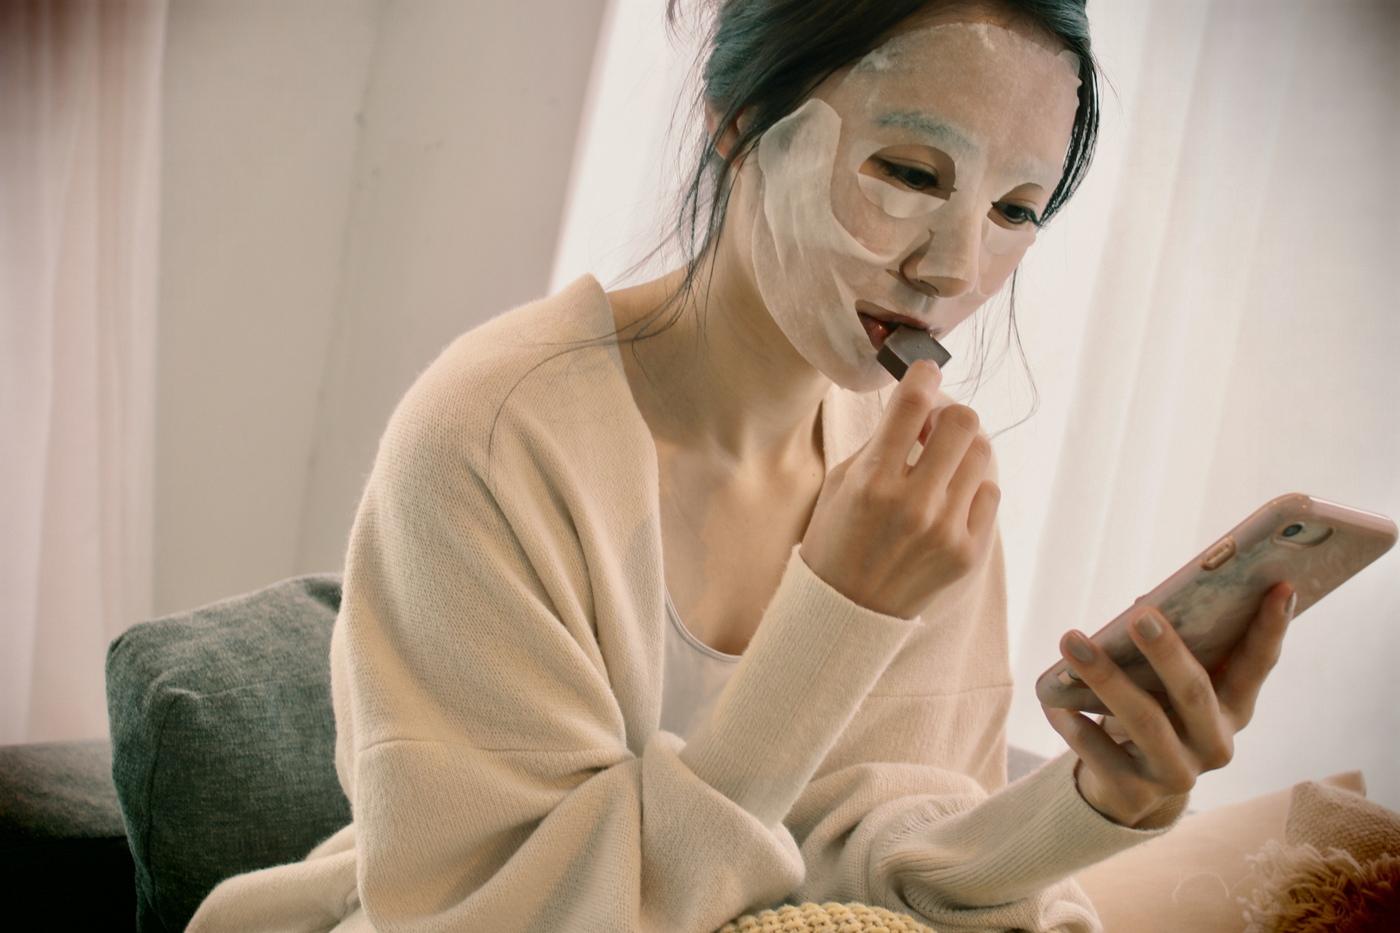 ゆらぎ肌にご褒美を。アユーラの美容液で叶える心地よいスキンケアの9枚目の画像